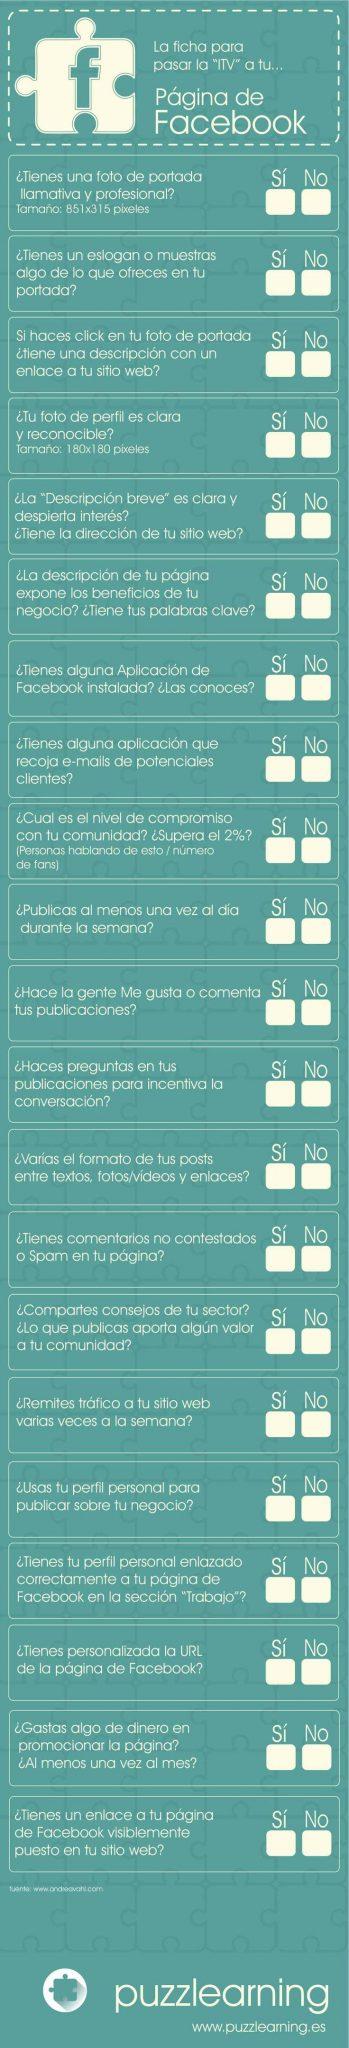 Responde estas preguntas para saber si tu página de Facebook está de forma profesional